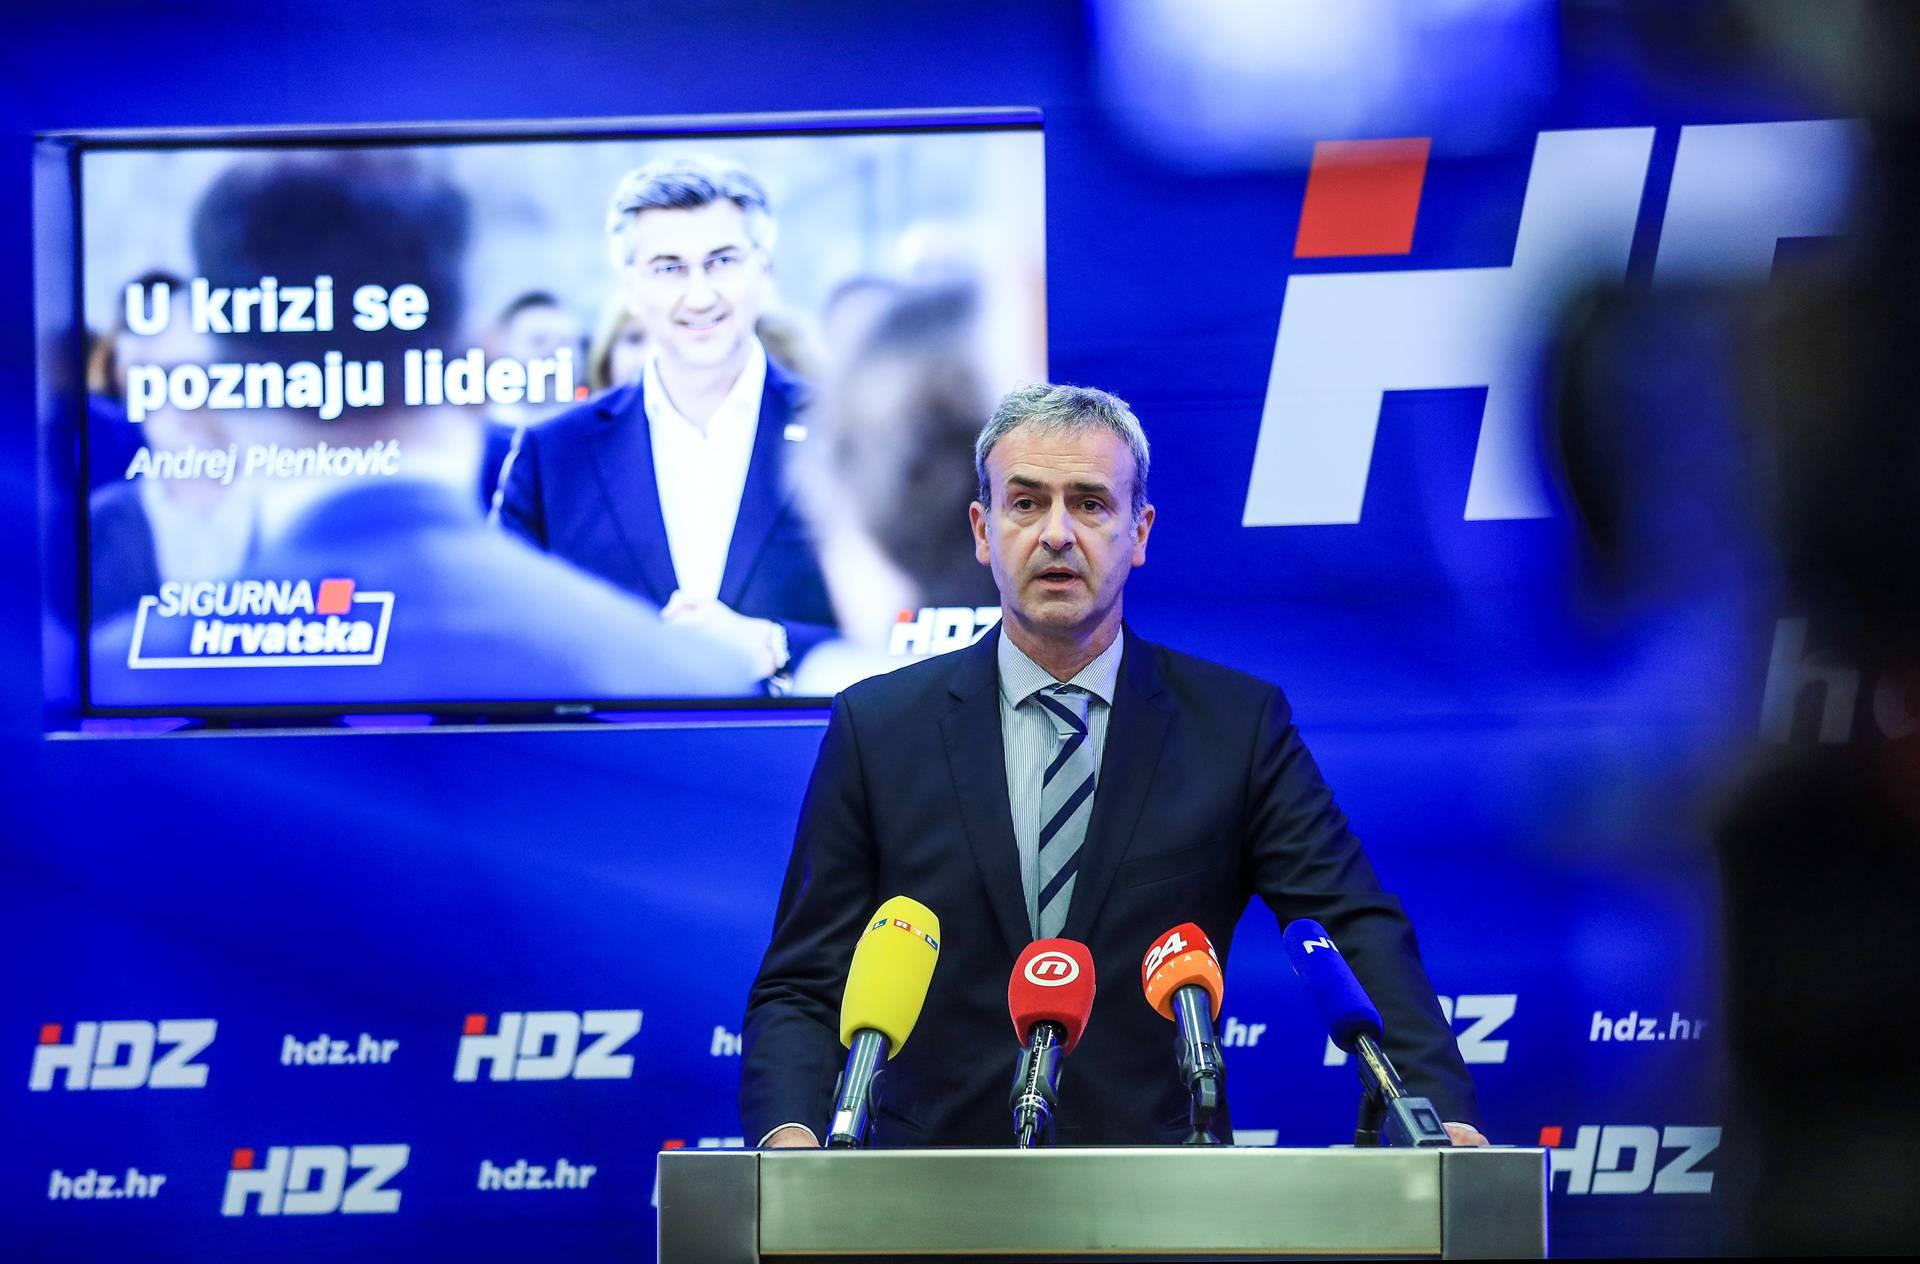 Bošnjaković (HDZ): U novom mandatu ubrzat ćemo sudske postupke digitalizacijom